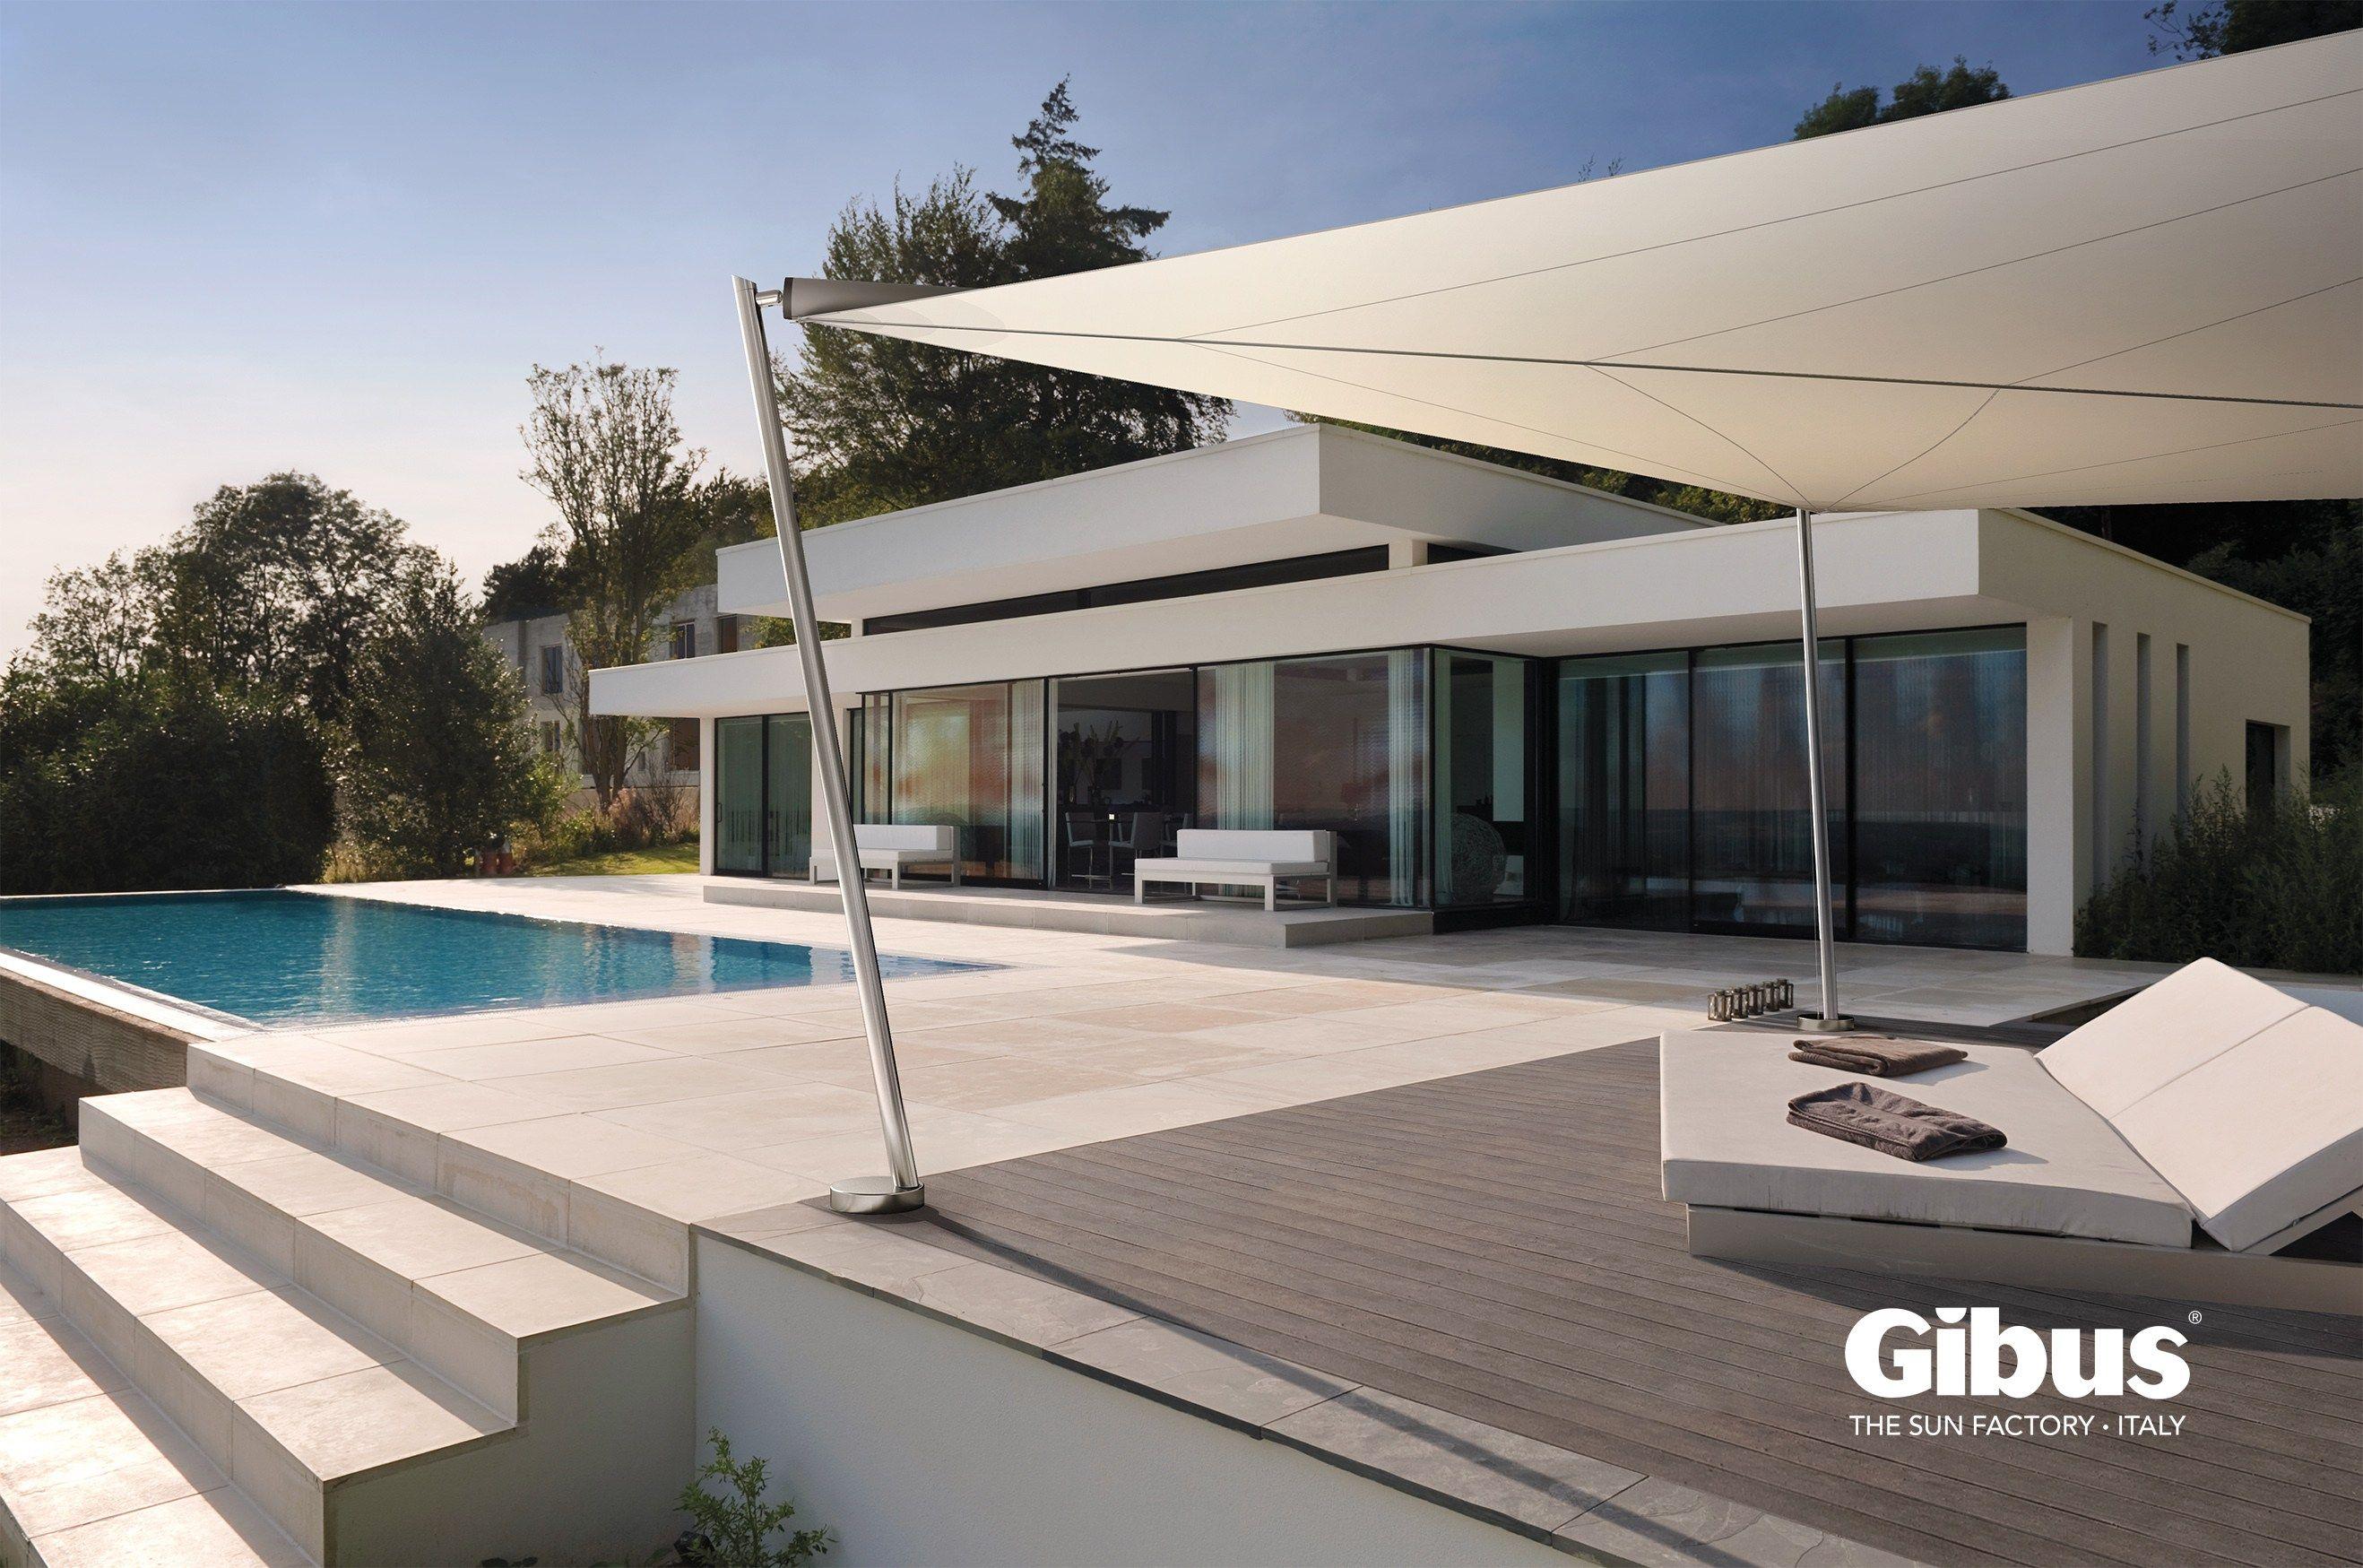 LIBRE Tenda a vela by GIBUS | progetti | Pinterest | Archi e Progetti